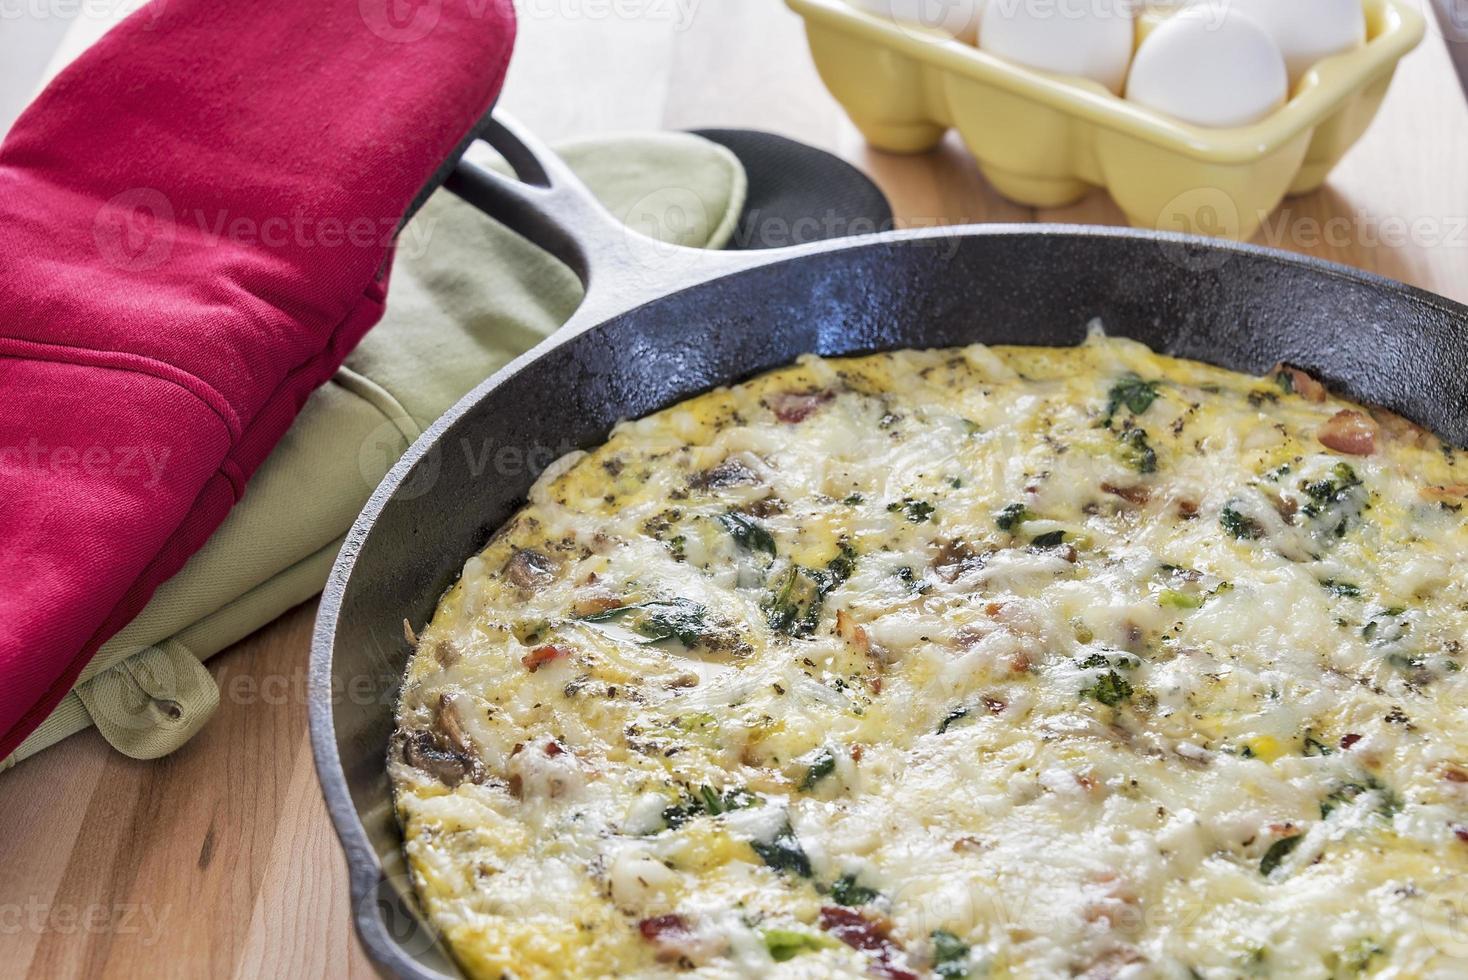 frittata gemaakt met spek, broccoli, spinazie en champignons foto